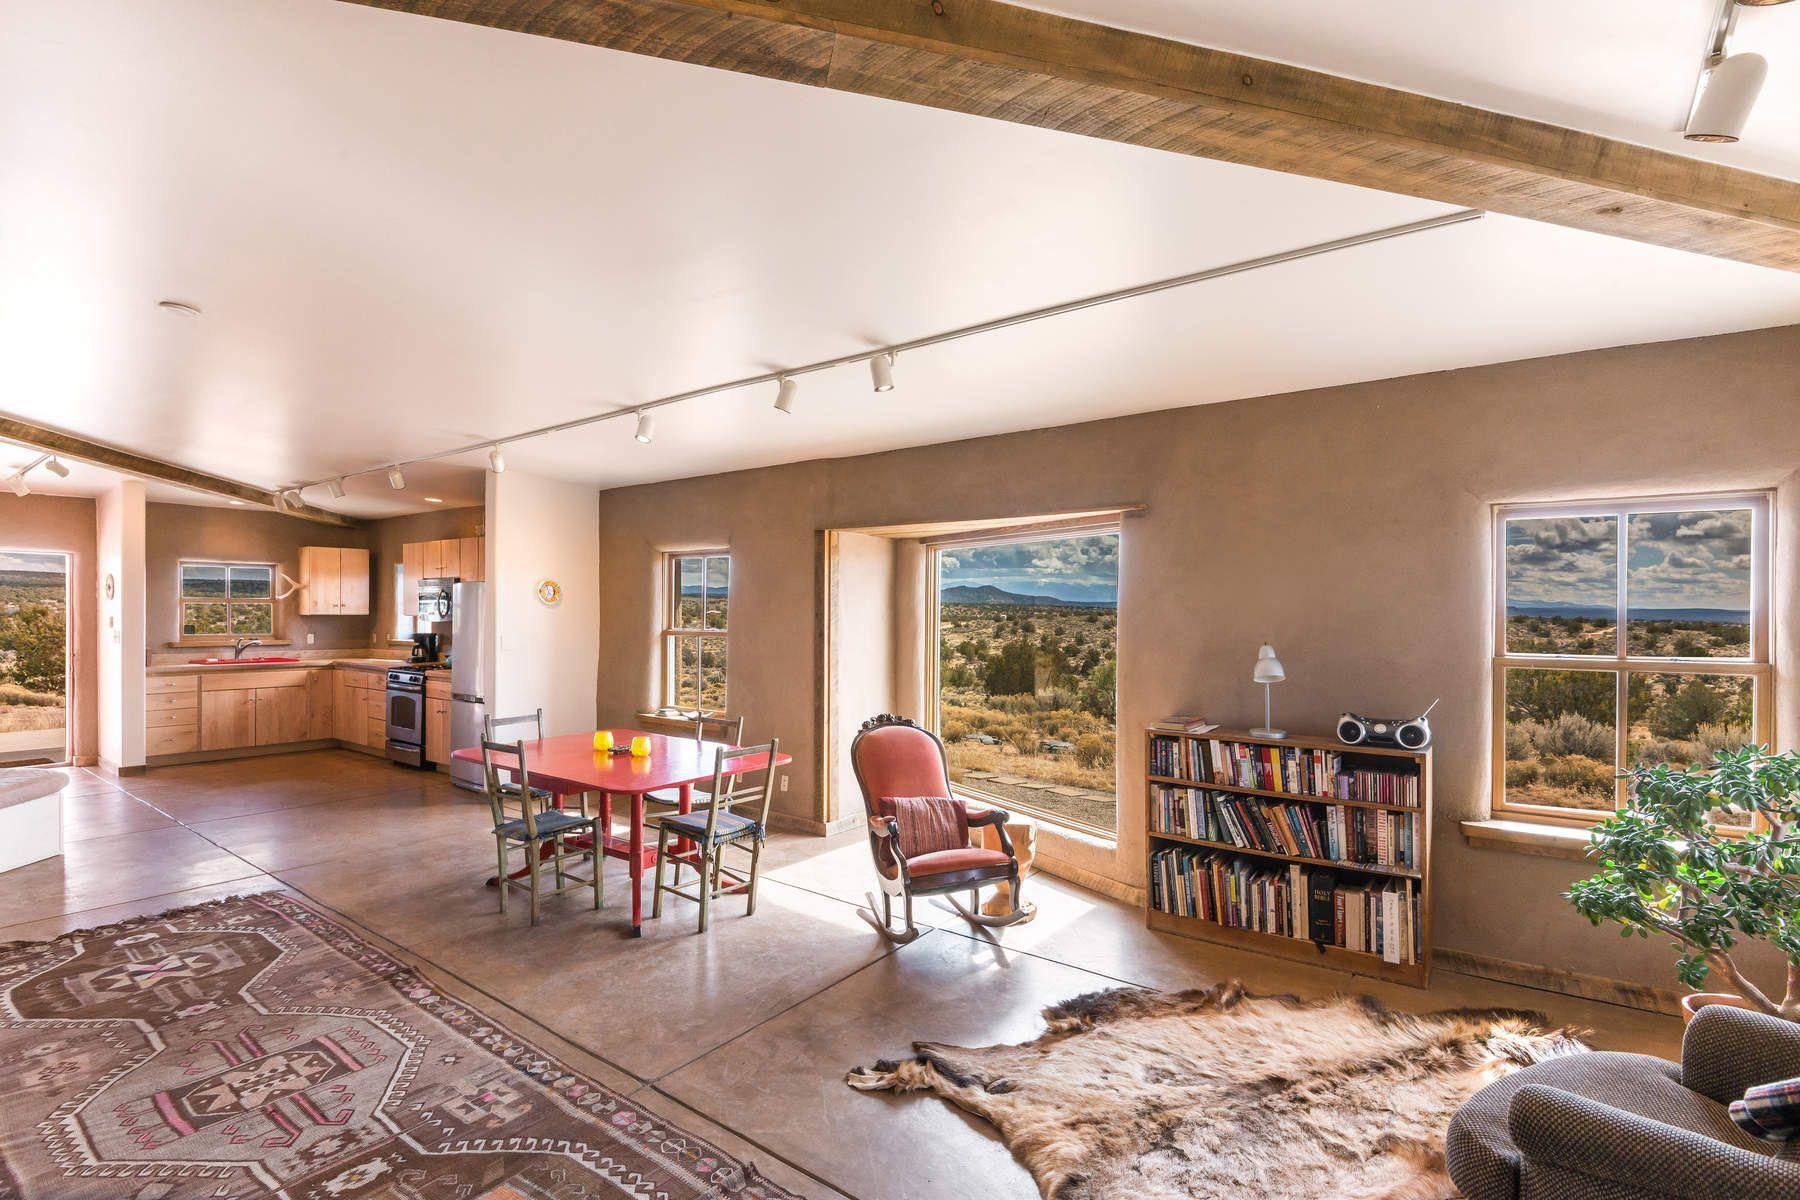 Частный односемейный дом для того Продажа на 35884 Us Highway 285 Ojo Caliente, Нью-Йорк, 87549 Соединенные Штаты